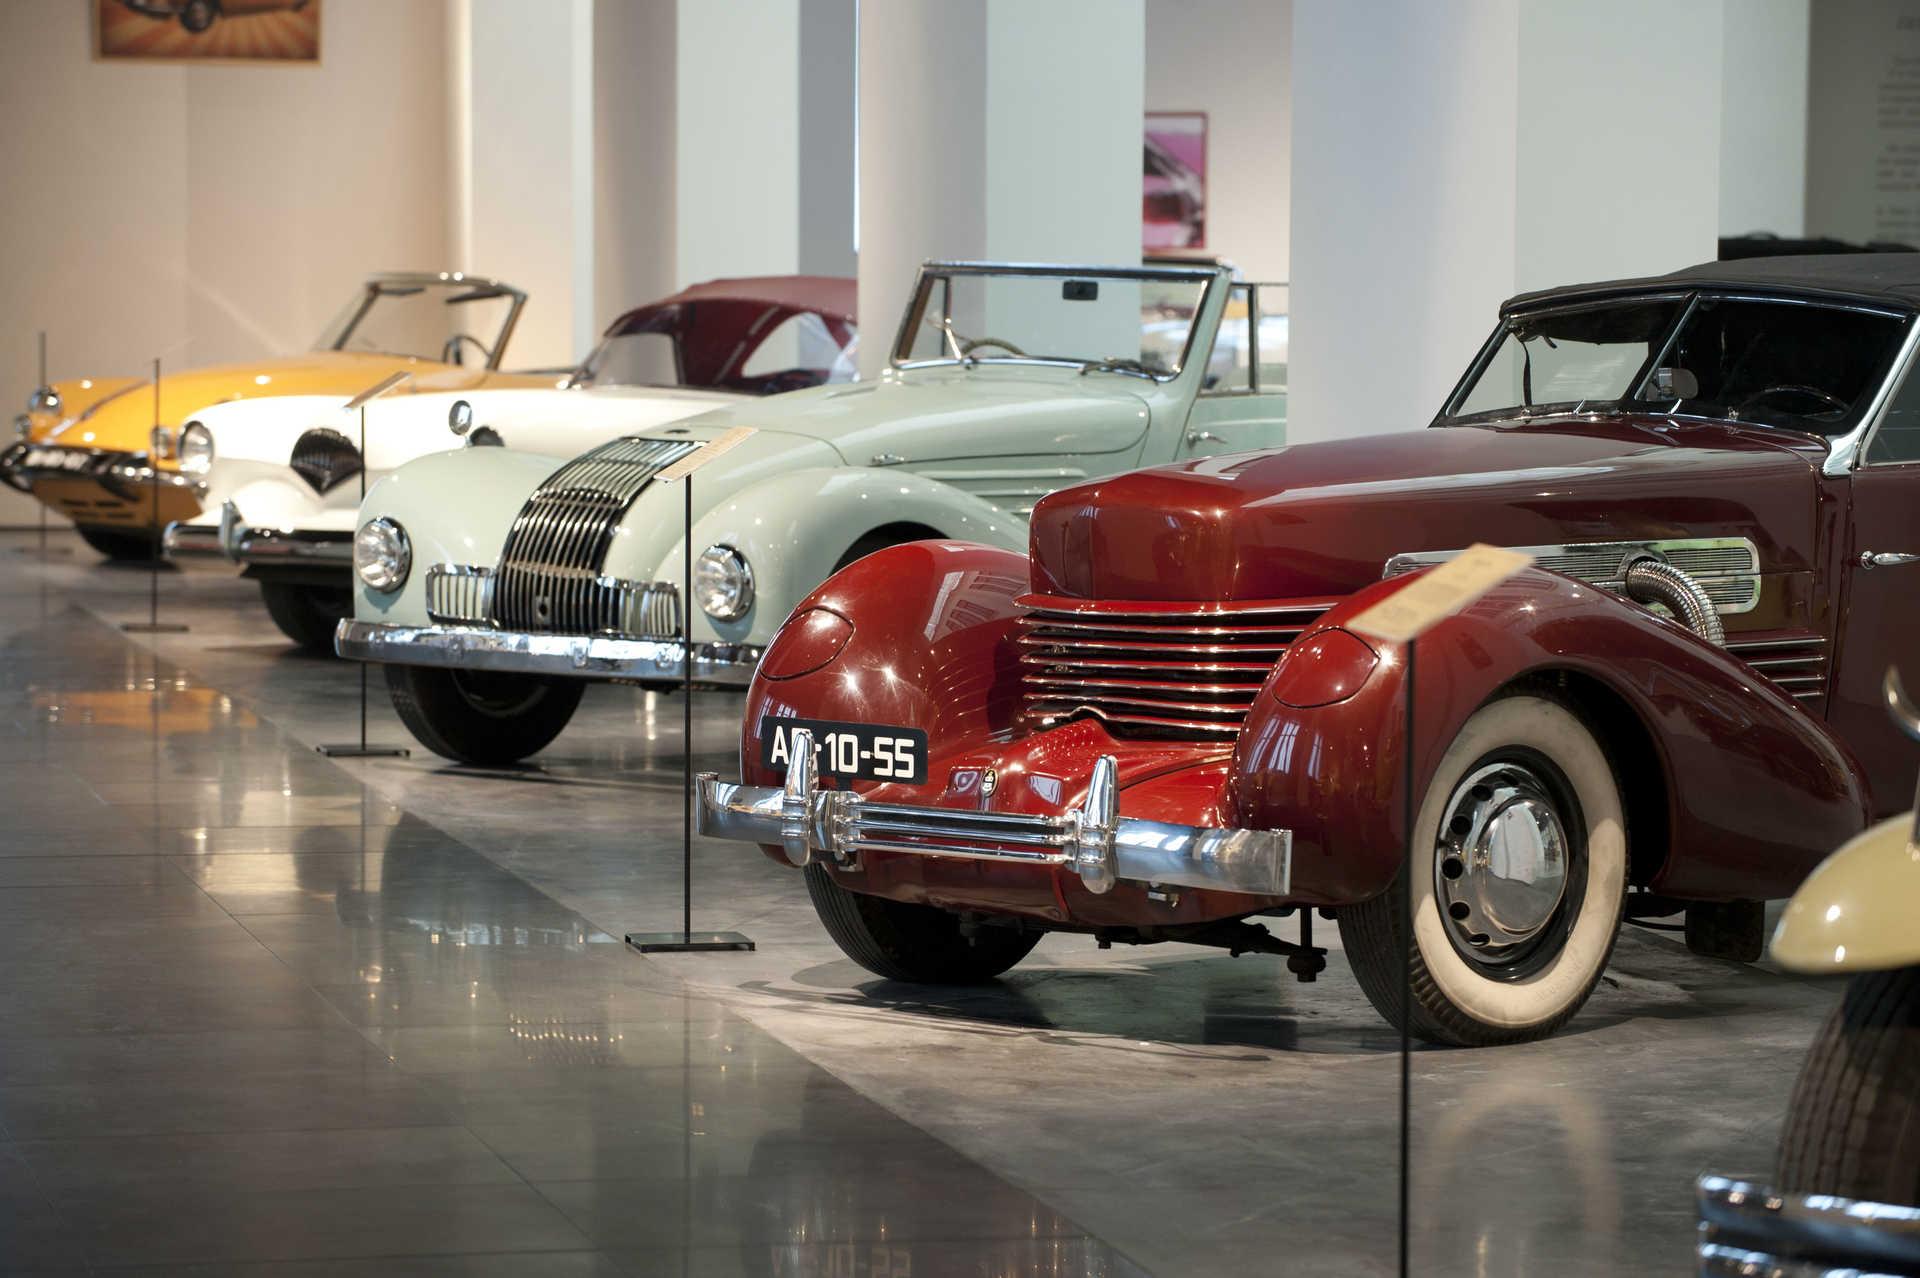 Visita Museo Automovilístico y de la Moda de Málaga + Audioguías